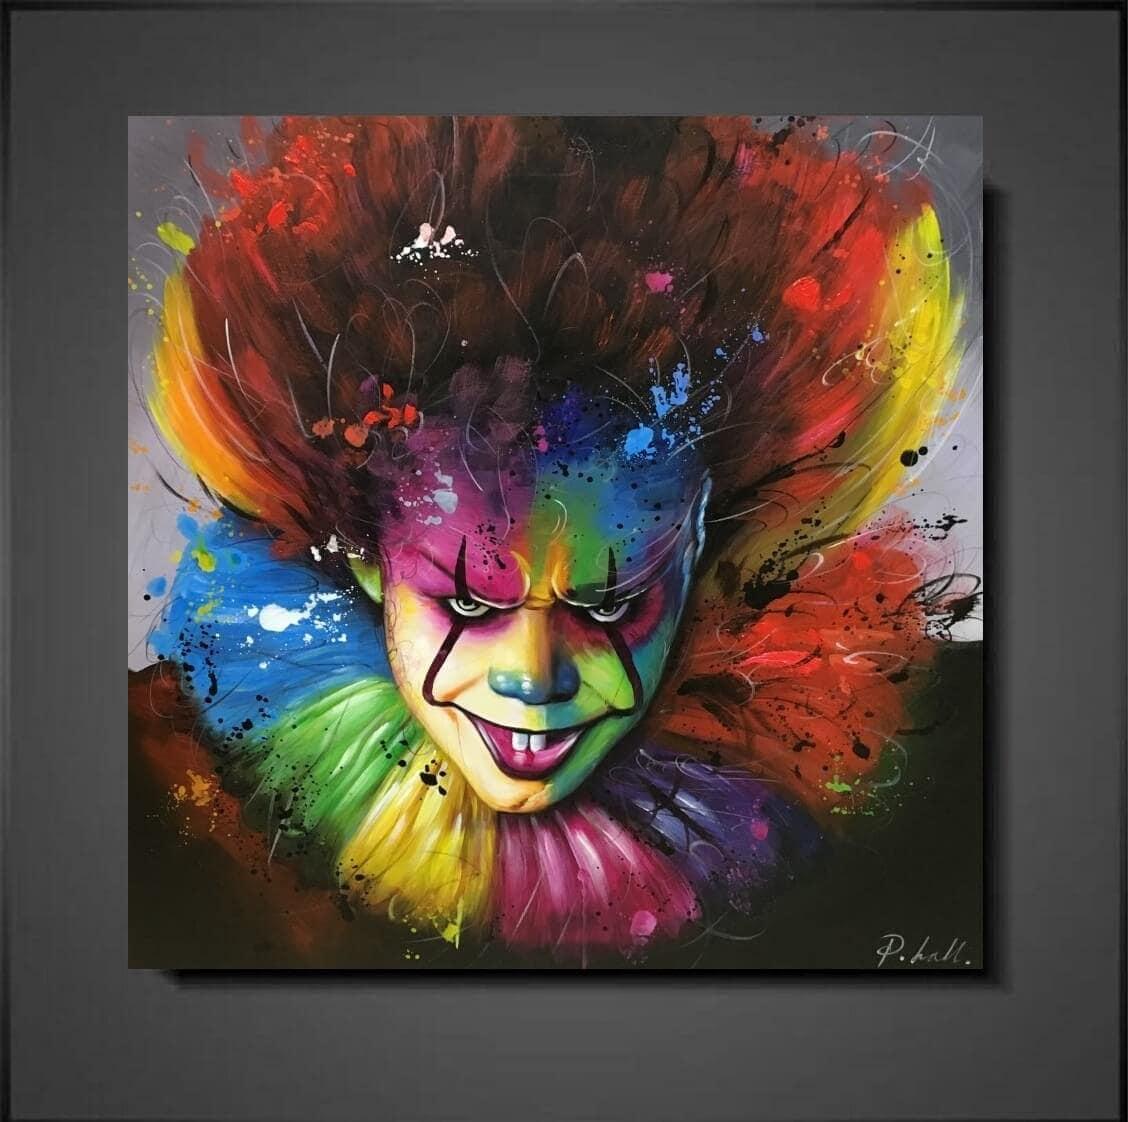 Moderne schilderijen the clown mynewart for Moderne schilderijen